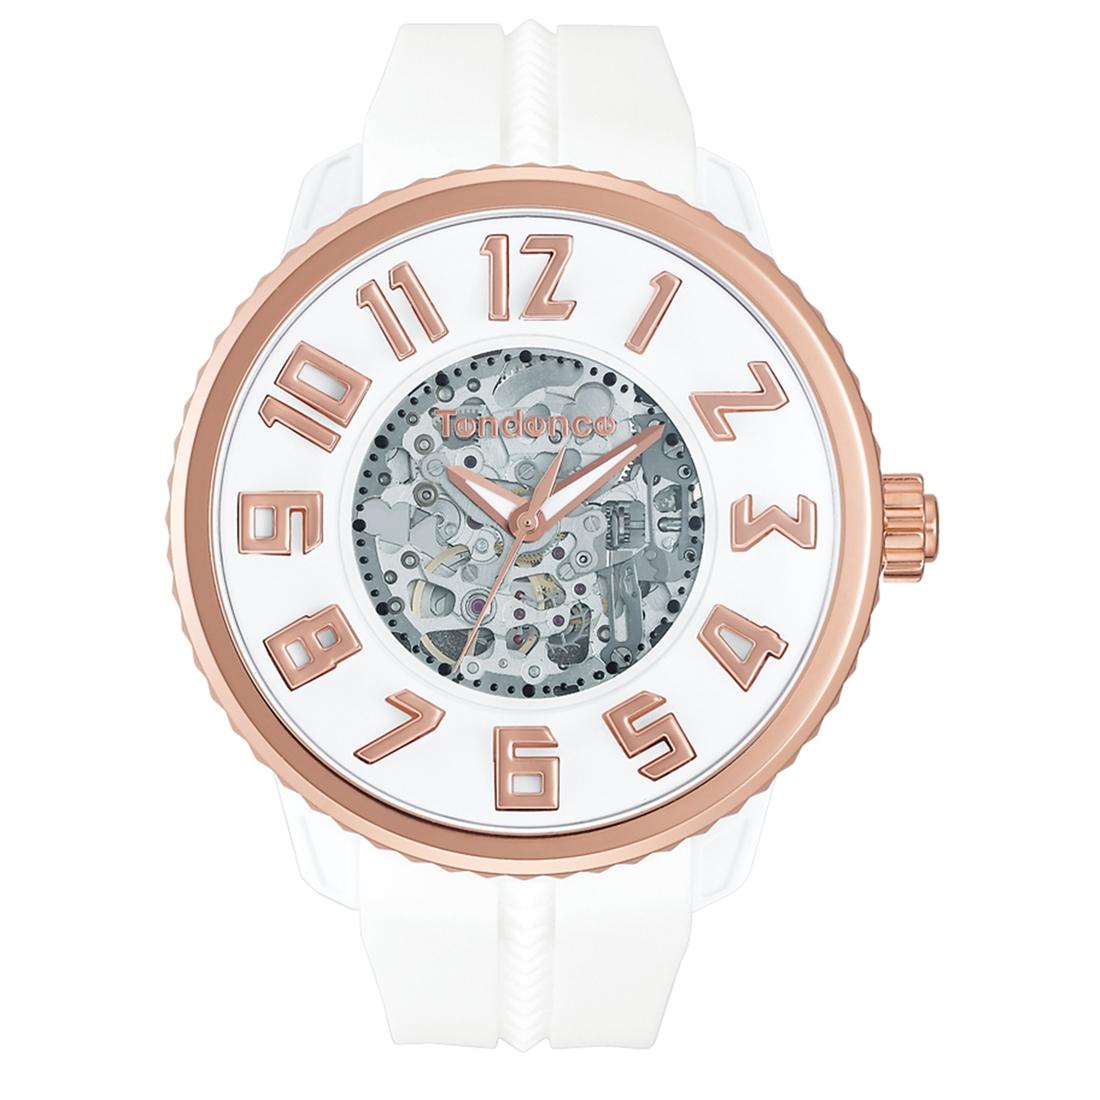 正規品 Tendence テンデンス TG491004 スポーツ 腕時計